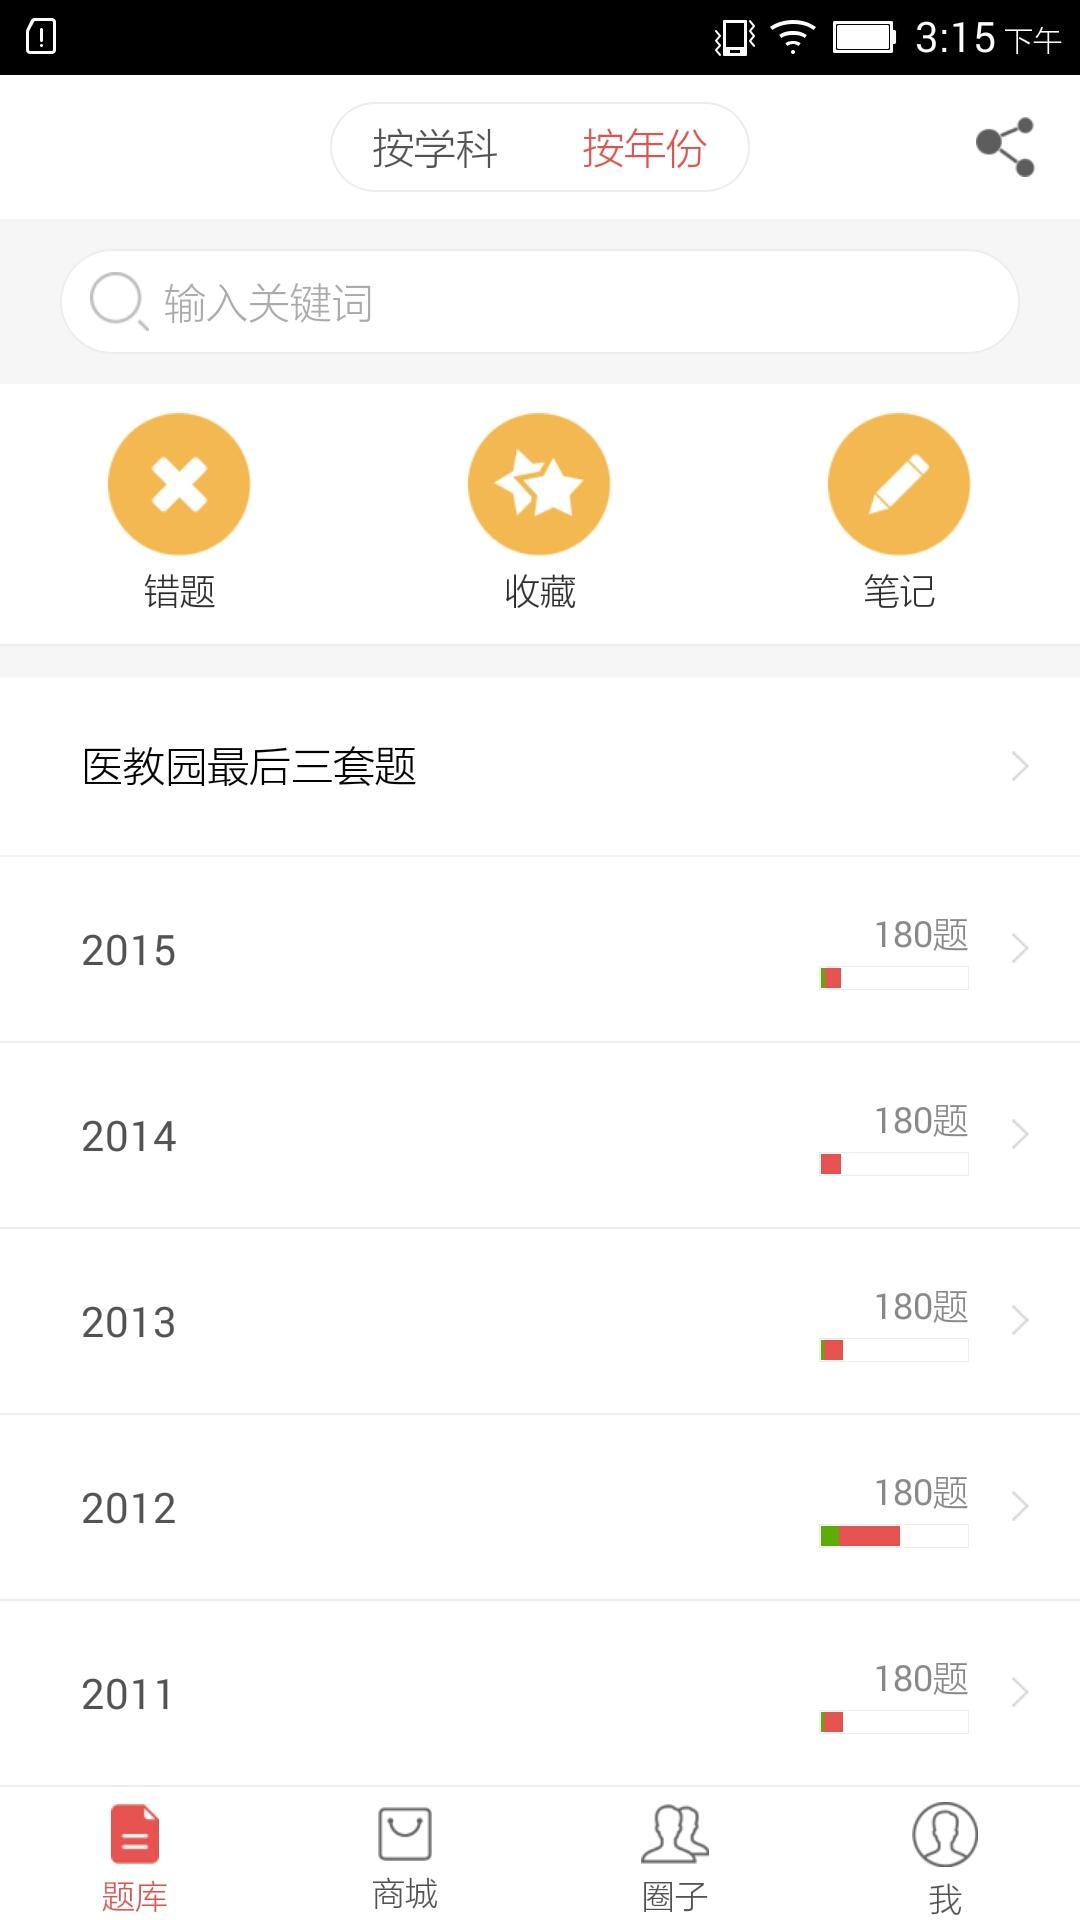 中医综合 V2.1.0 安卓版截图1